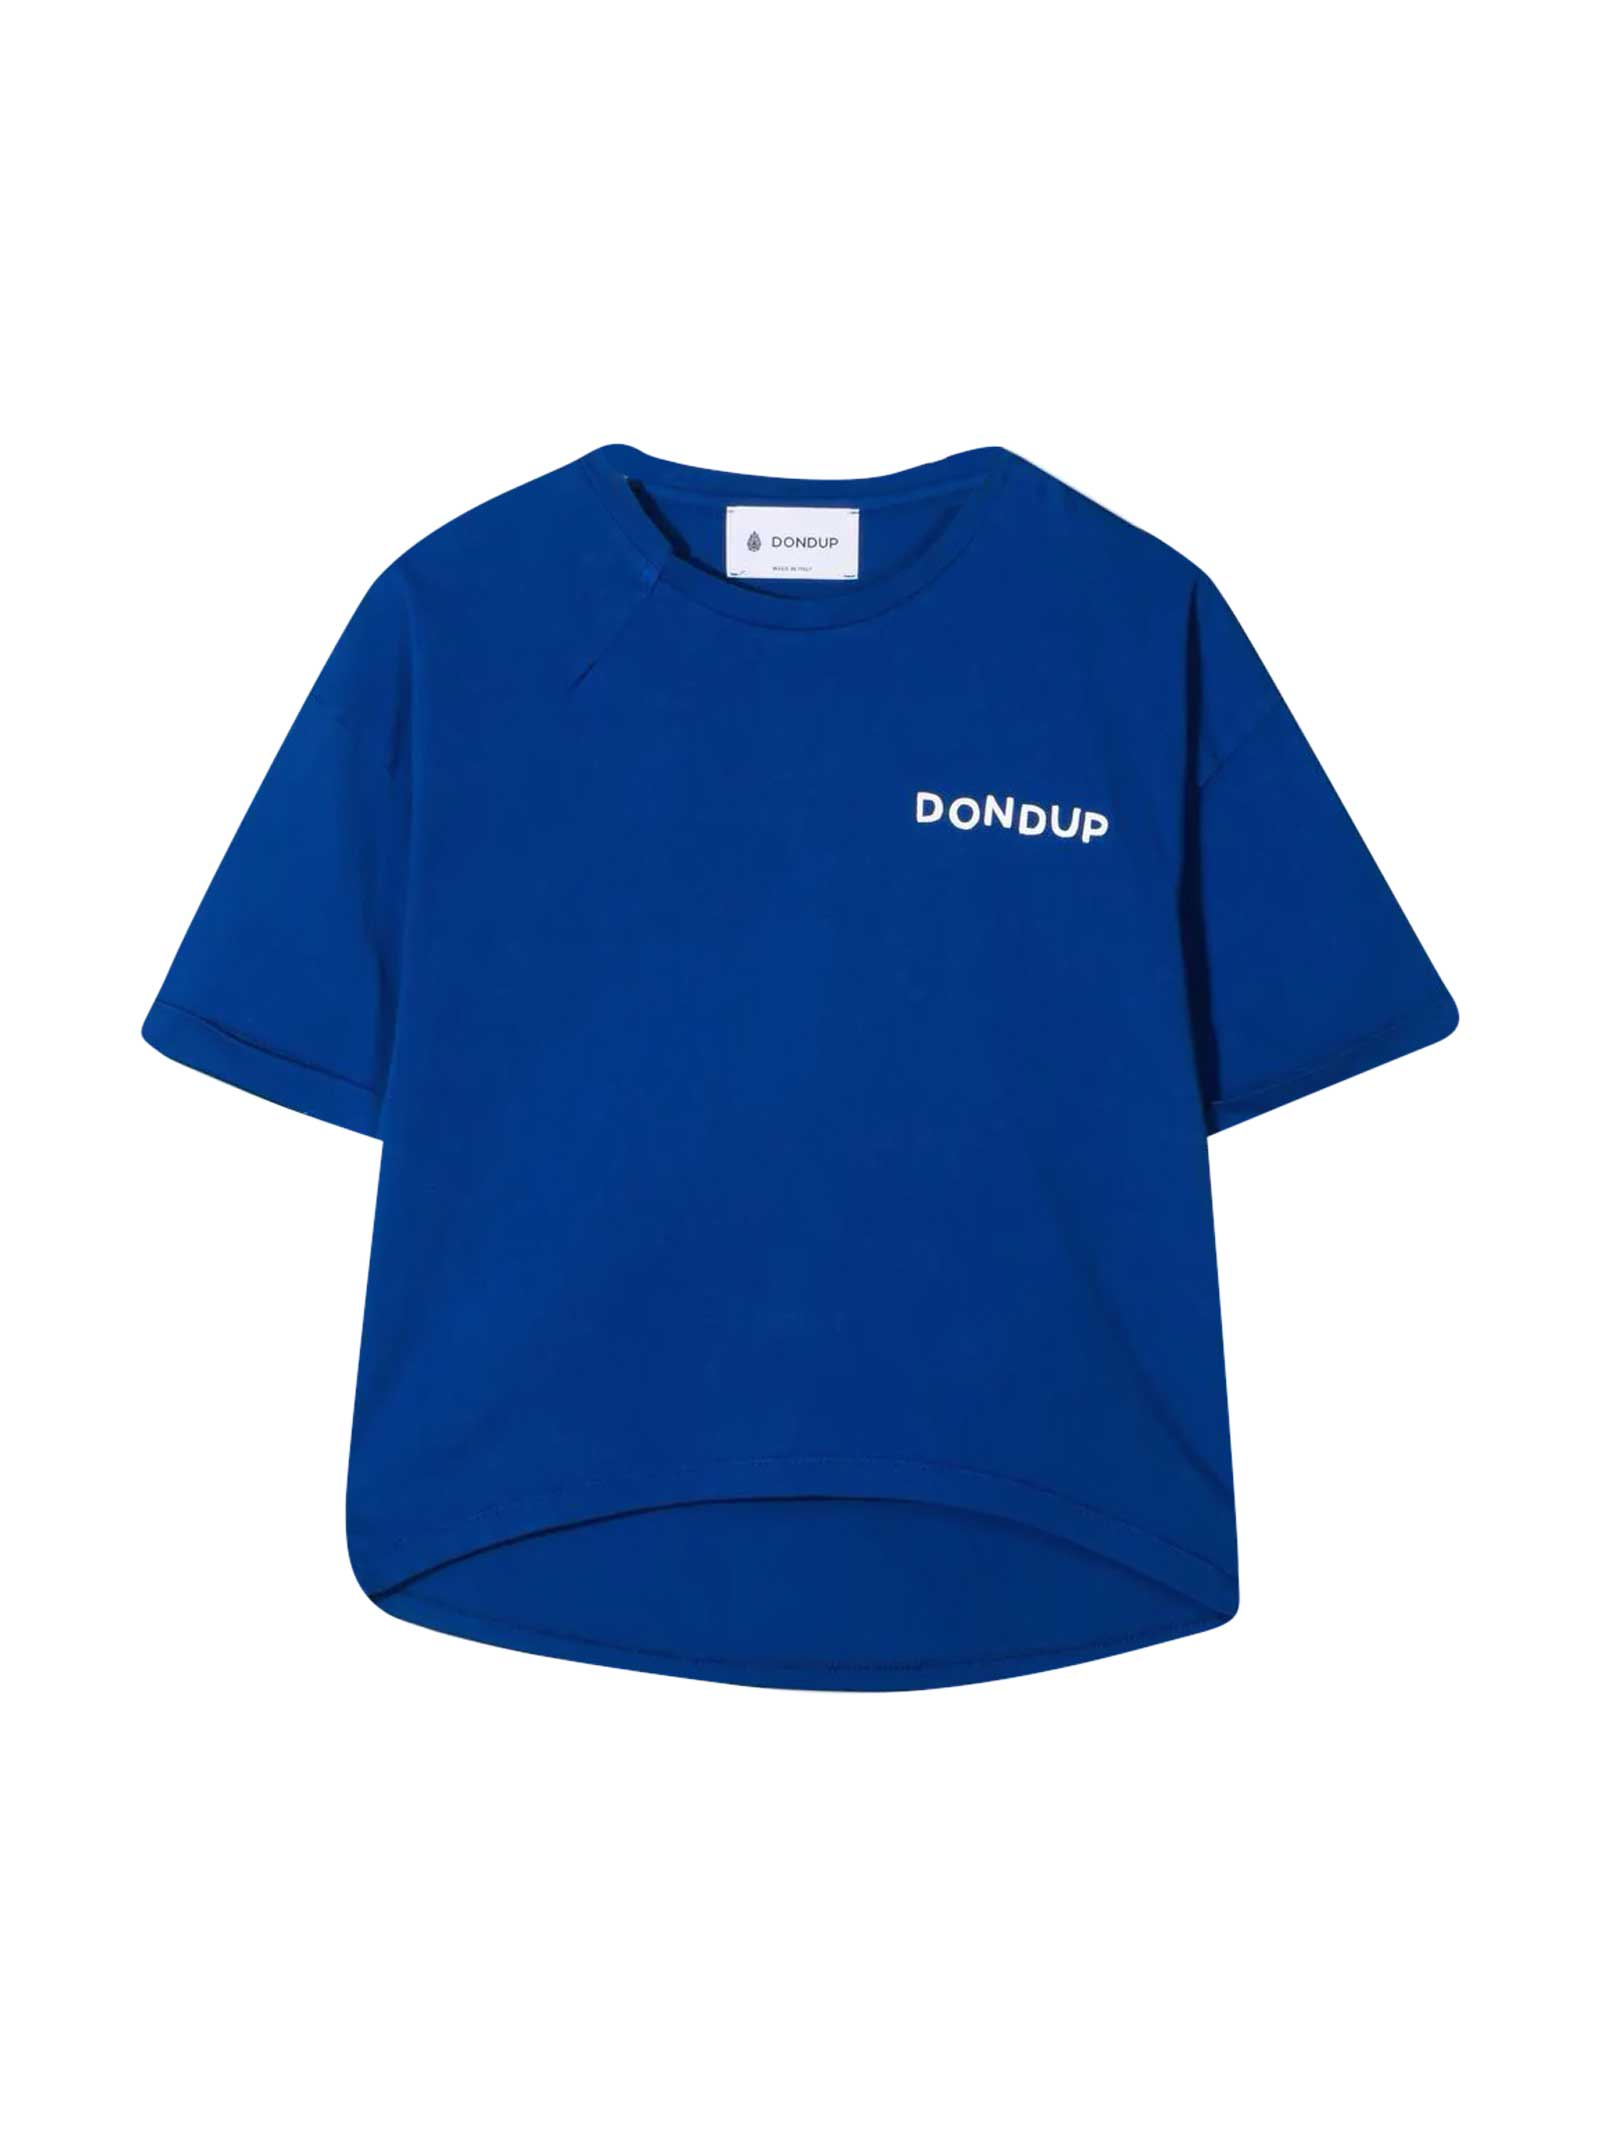 Dondup BLUE T-SHIRT